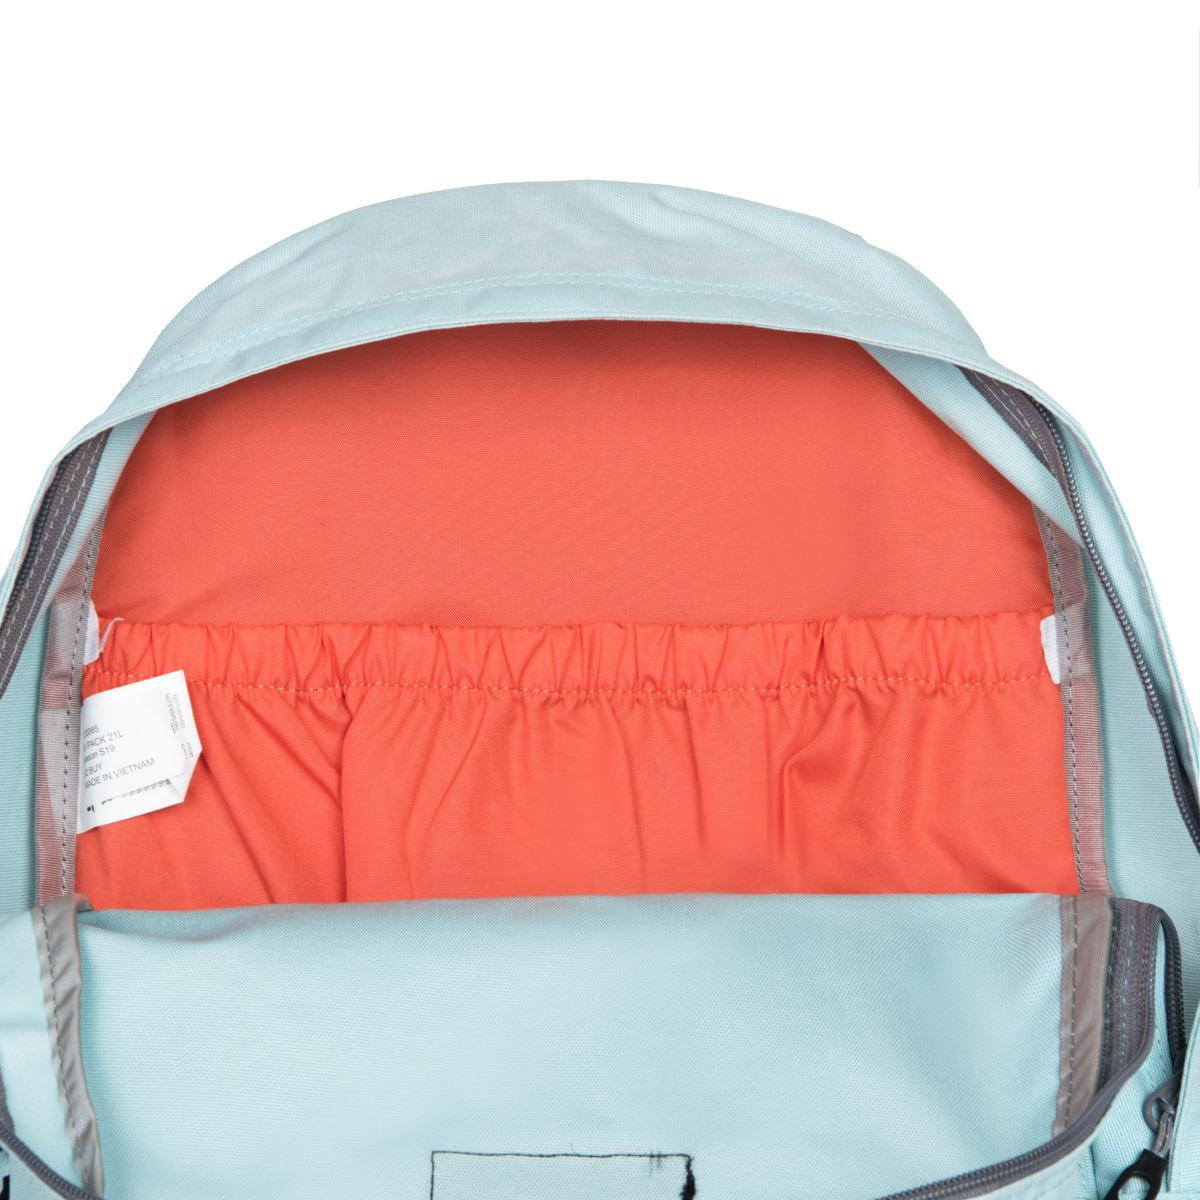 Dakine 365 Pack 21L Makaha Elegantní a jednoduchý batoh vretro vzhledu, který pojme vše, co nejnutněji potřebujete.